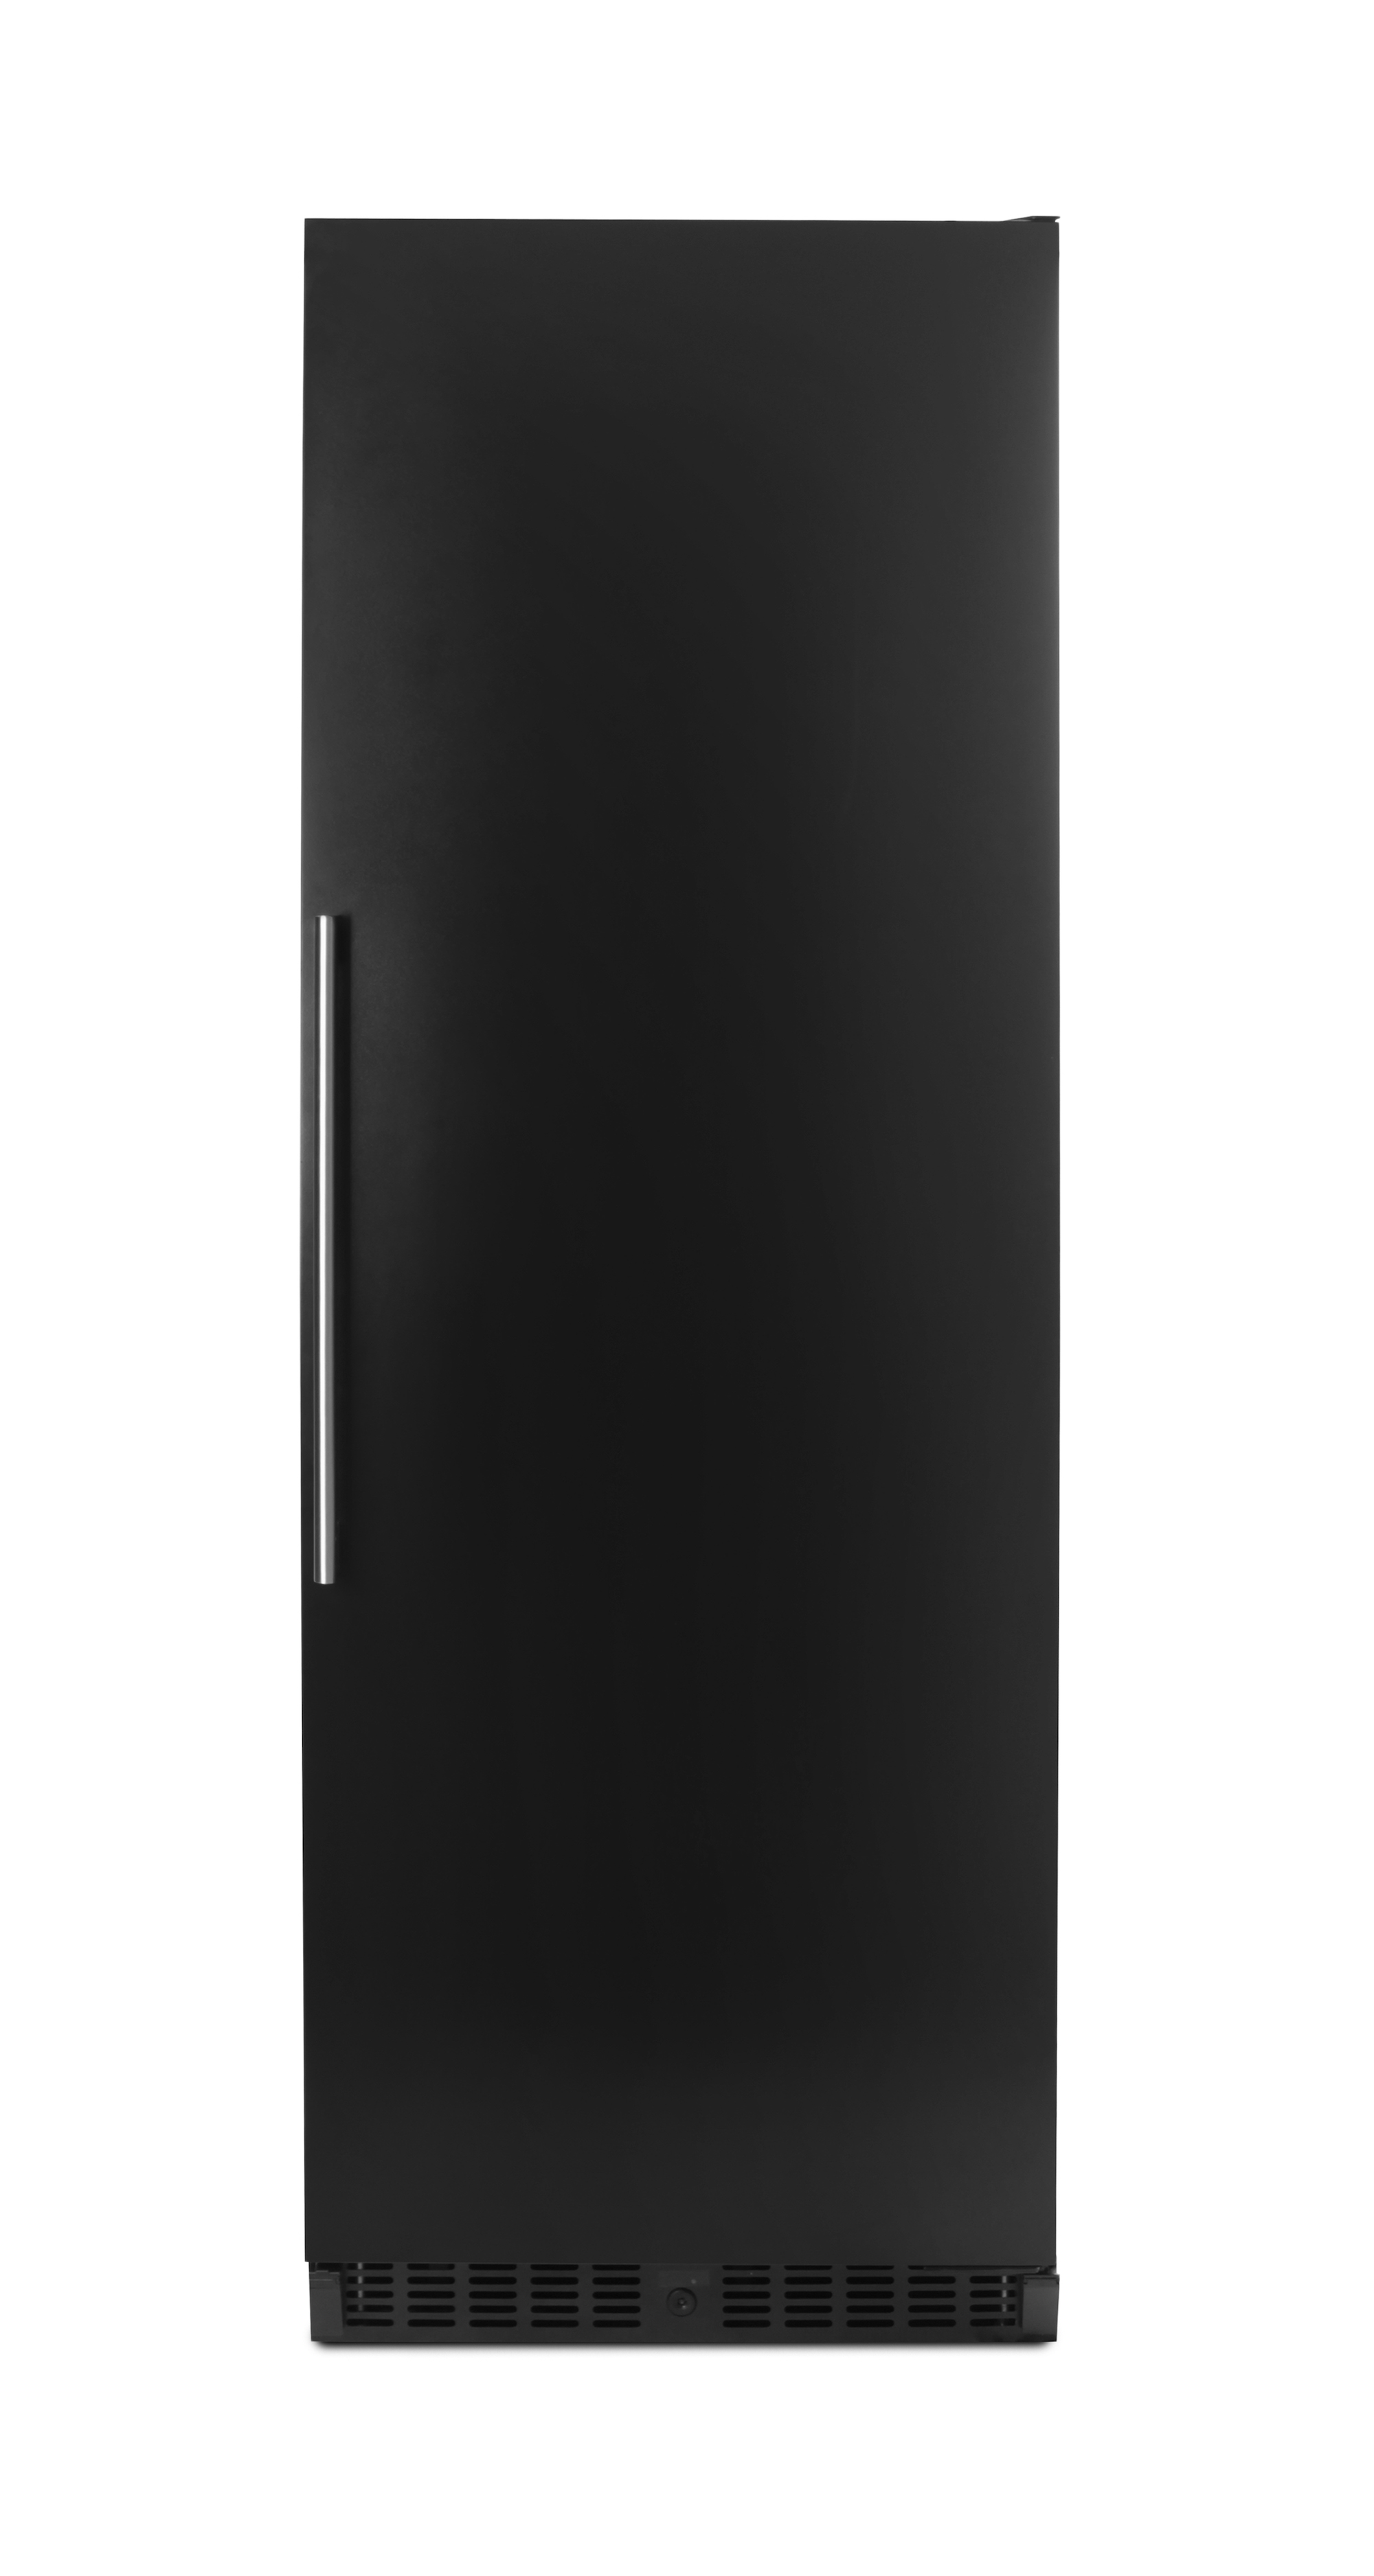 Vinlagringsskåp med låsbar och solid dörr